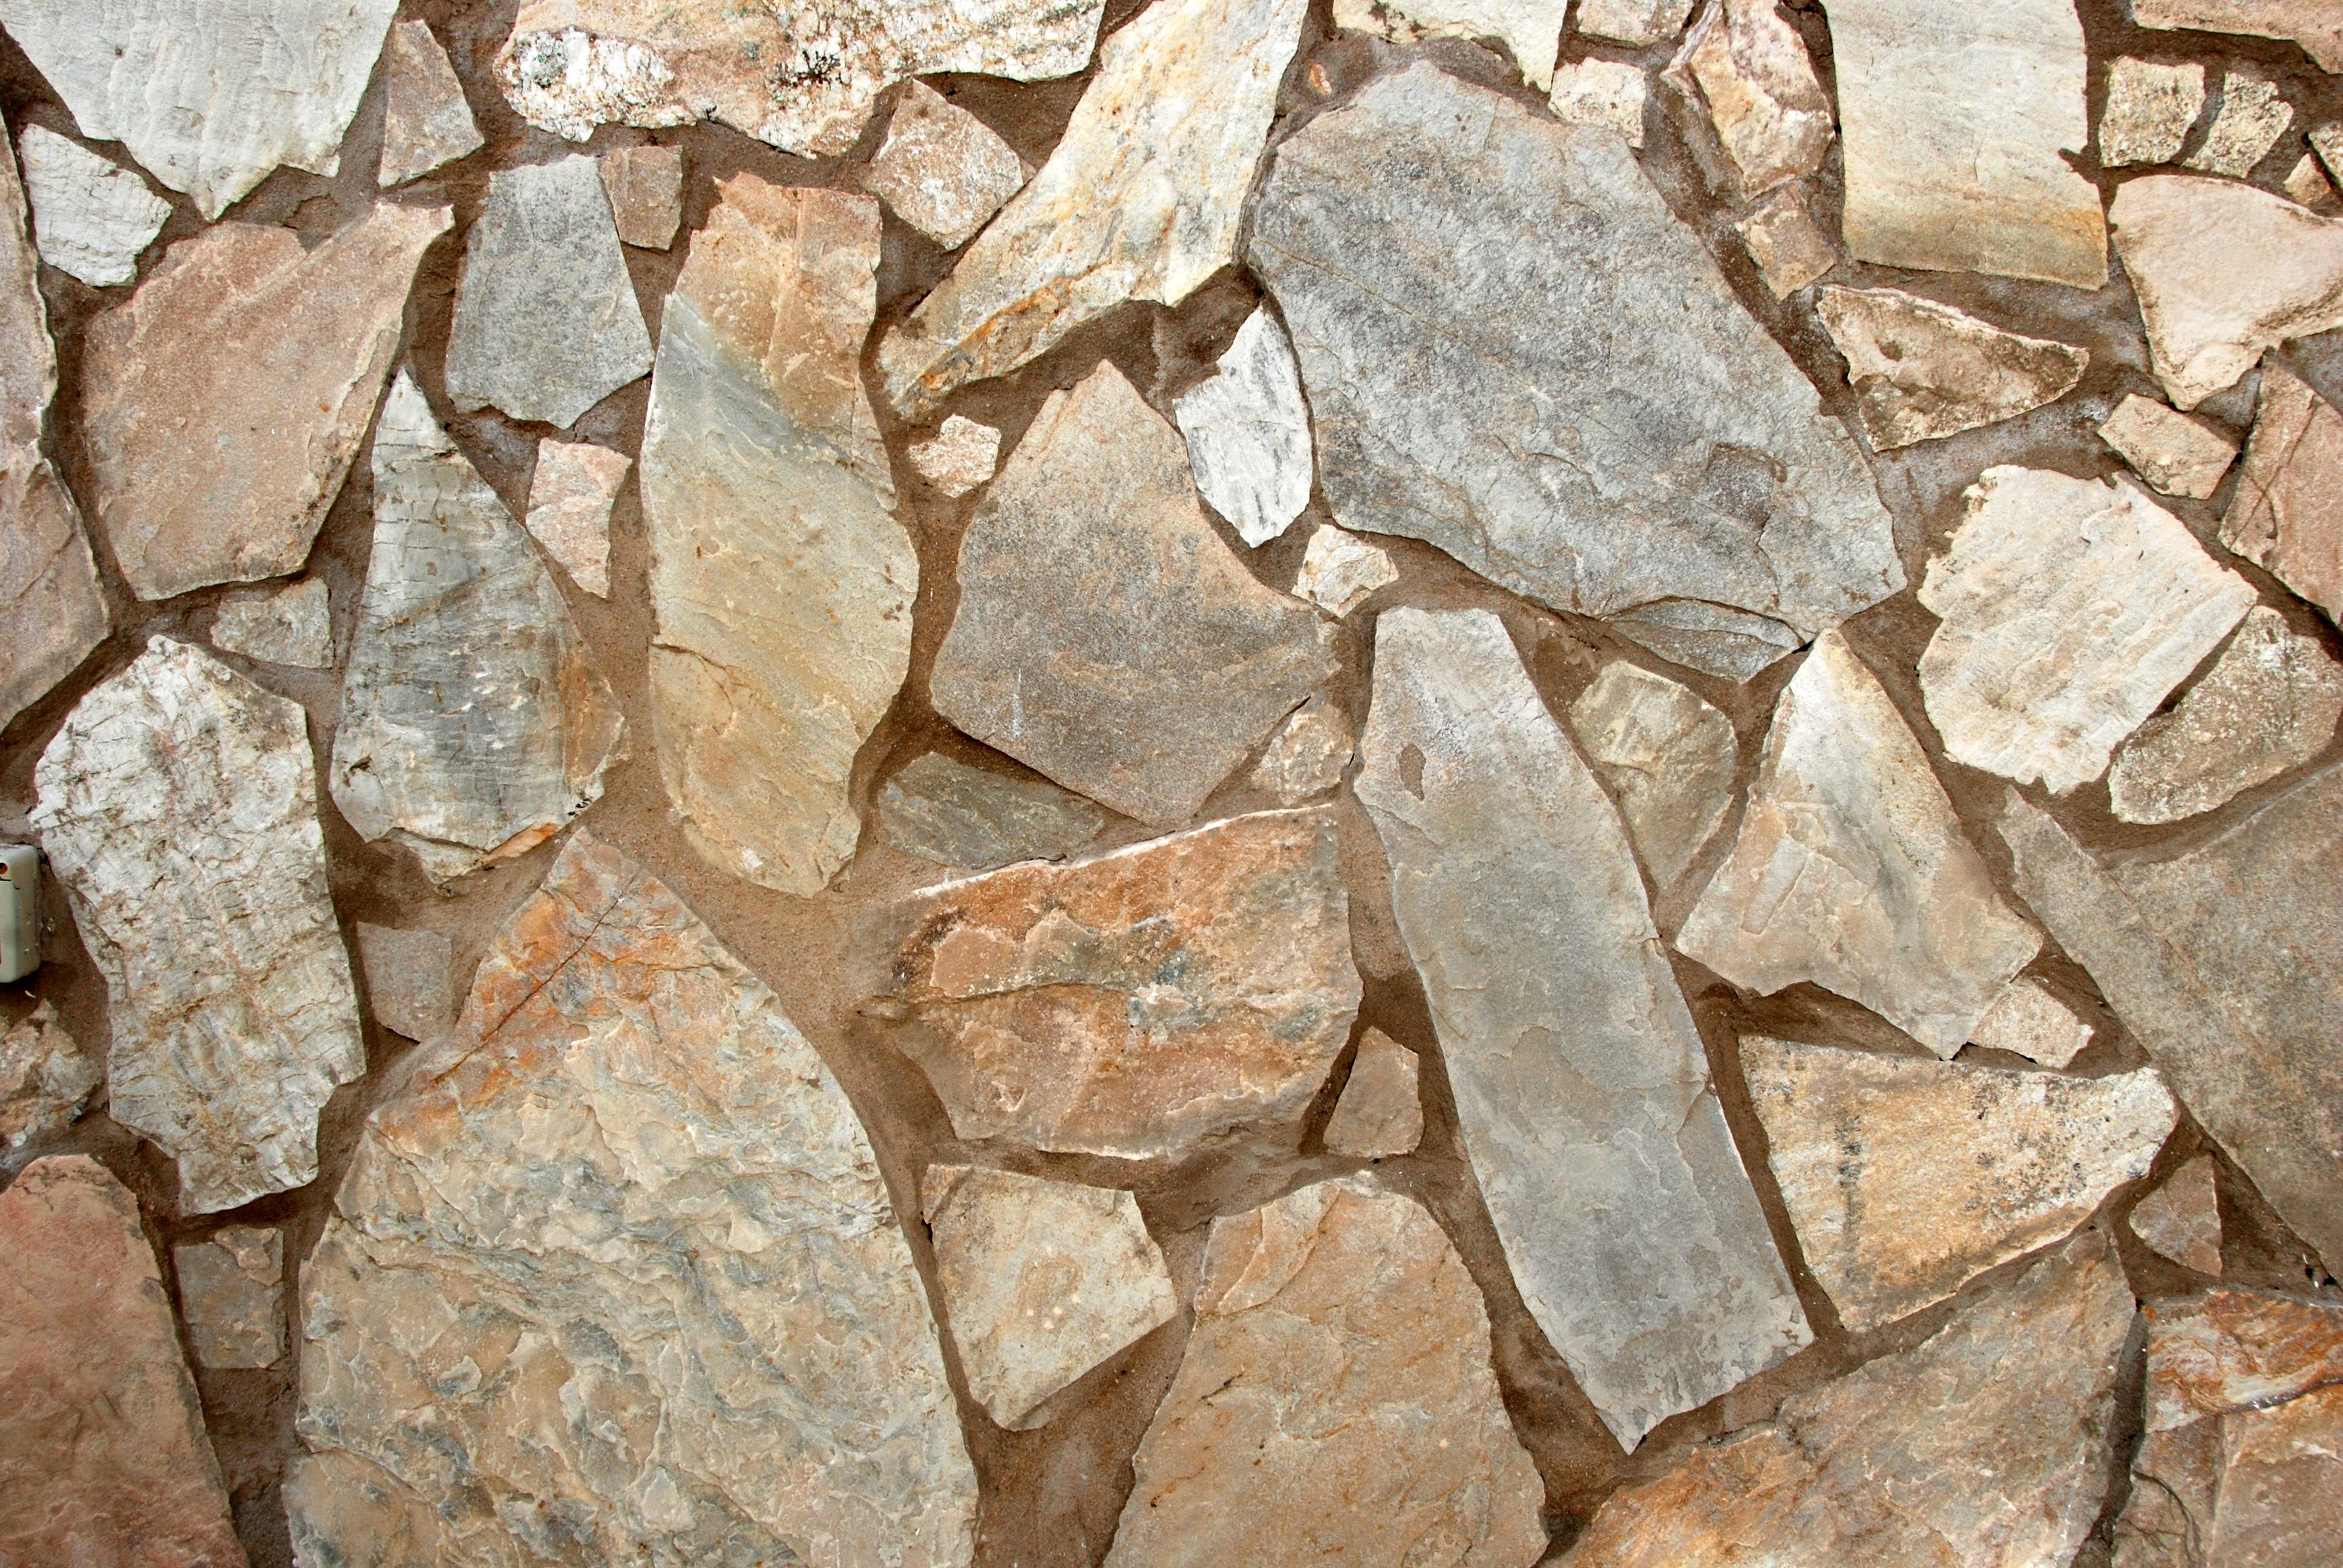 Pared piedras y cemento canarias creativa - Piedras para pared ...